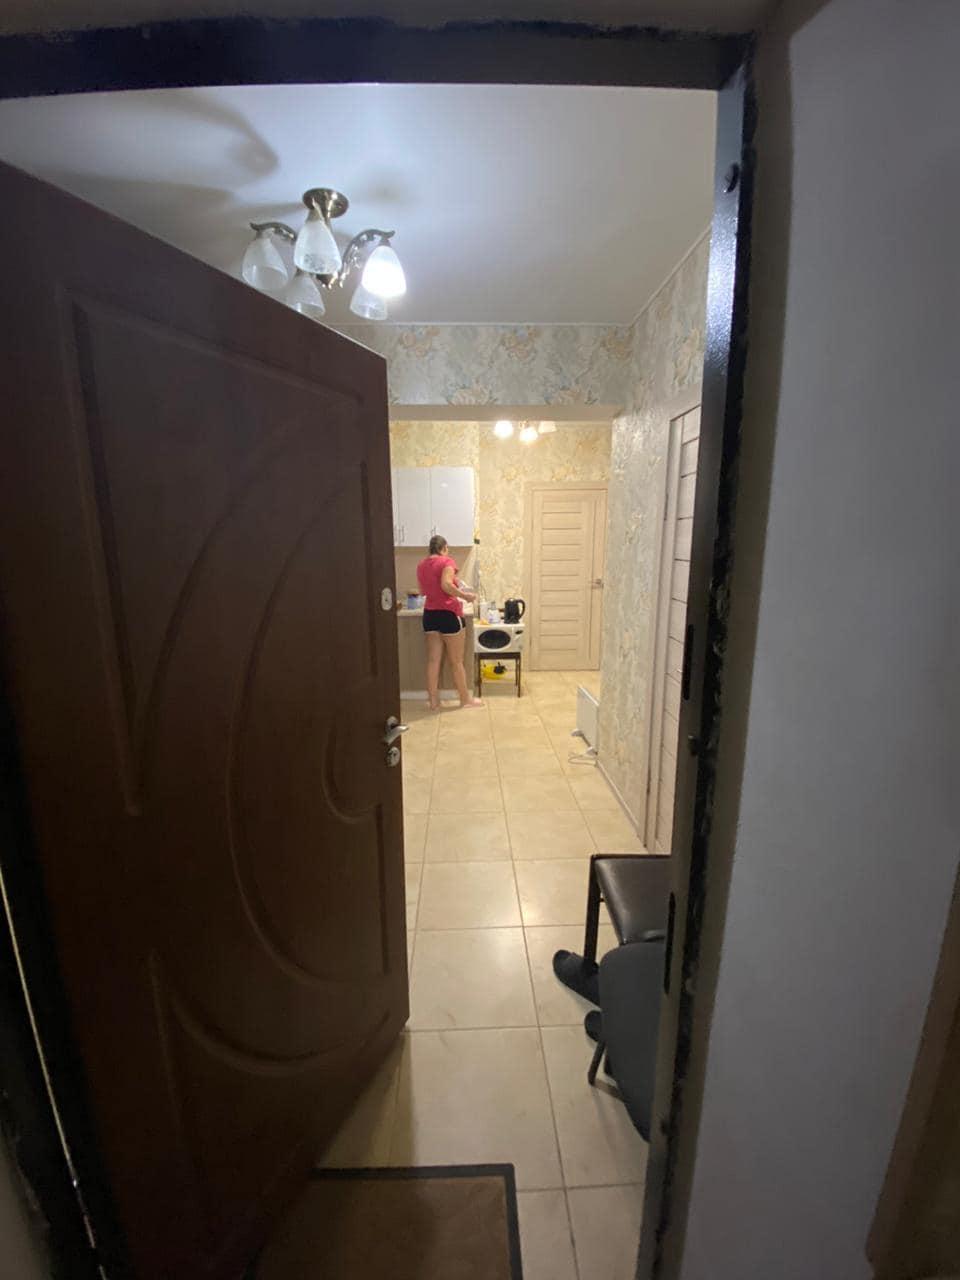 Київська клініка торгувала немовлятами - Китай - klinika2